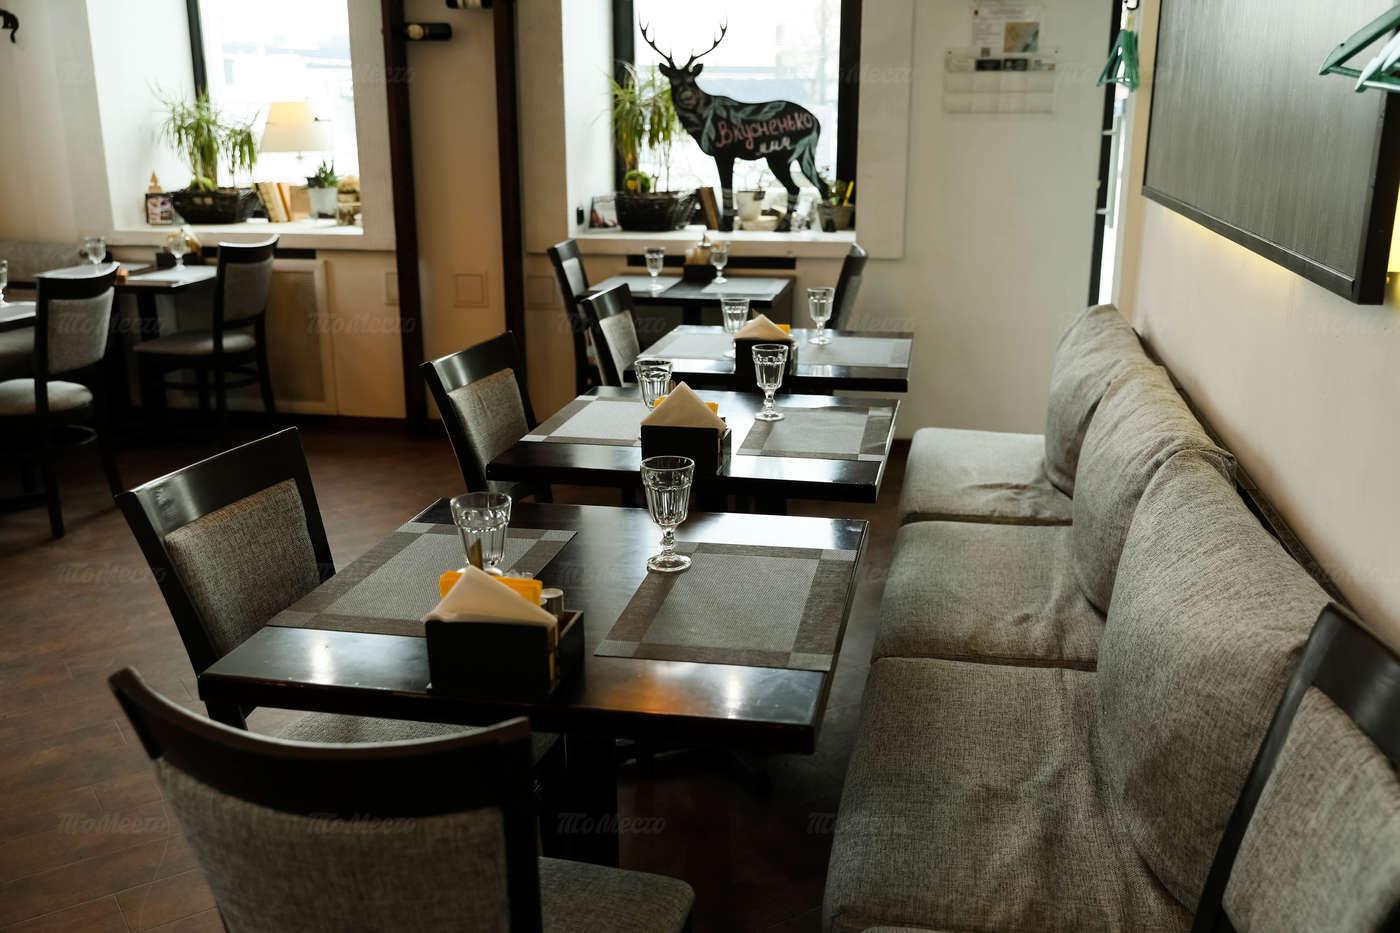 Кафе Сиберика (Siberika) на набережной Лейтенанта Шмидта фото 7